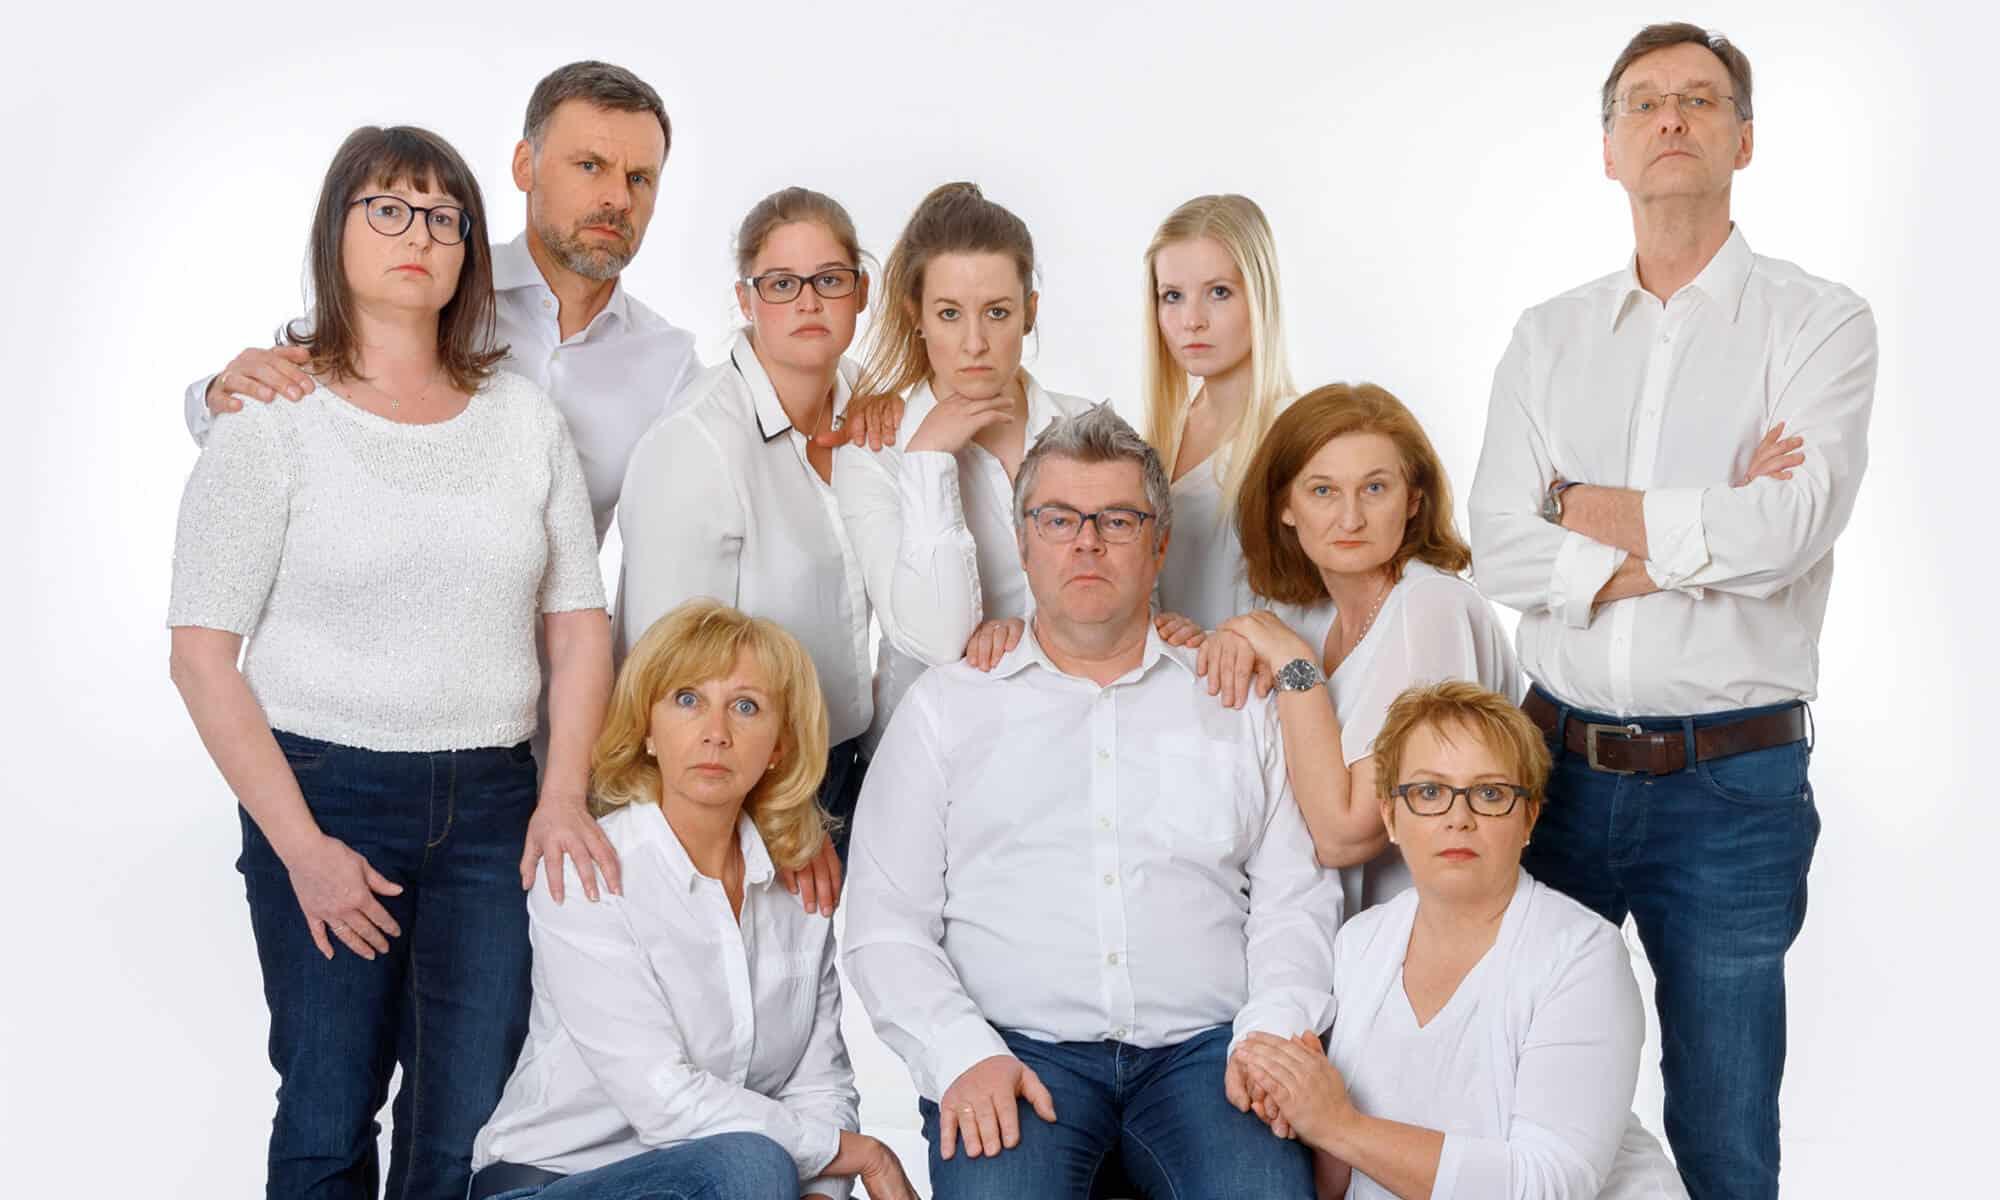 Die komplette Gruppe